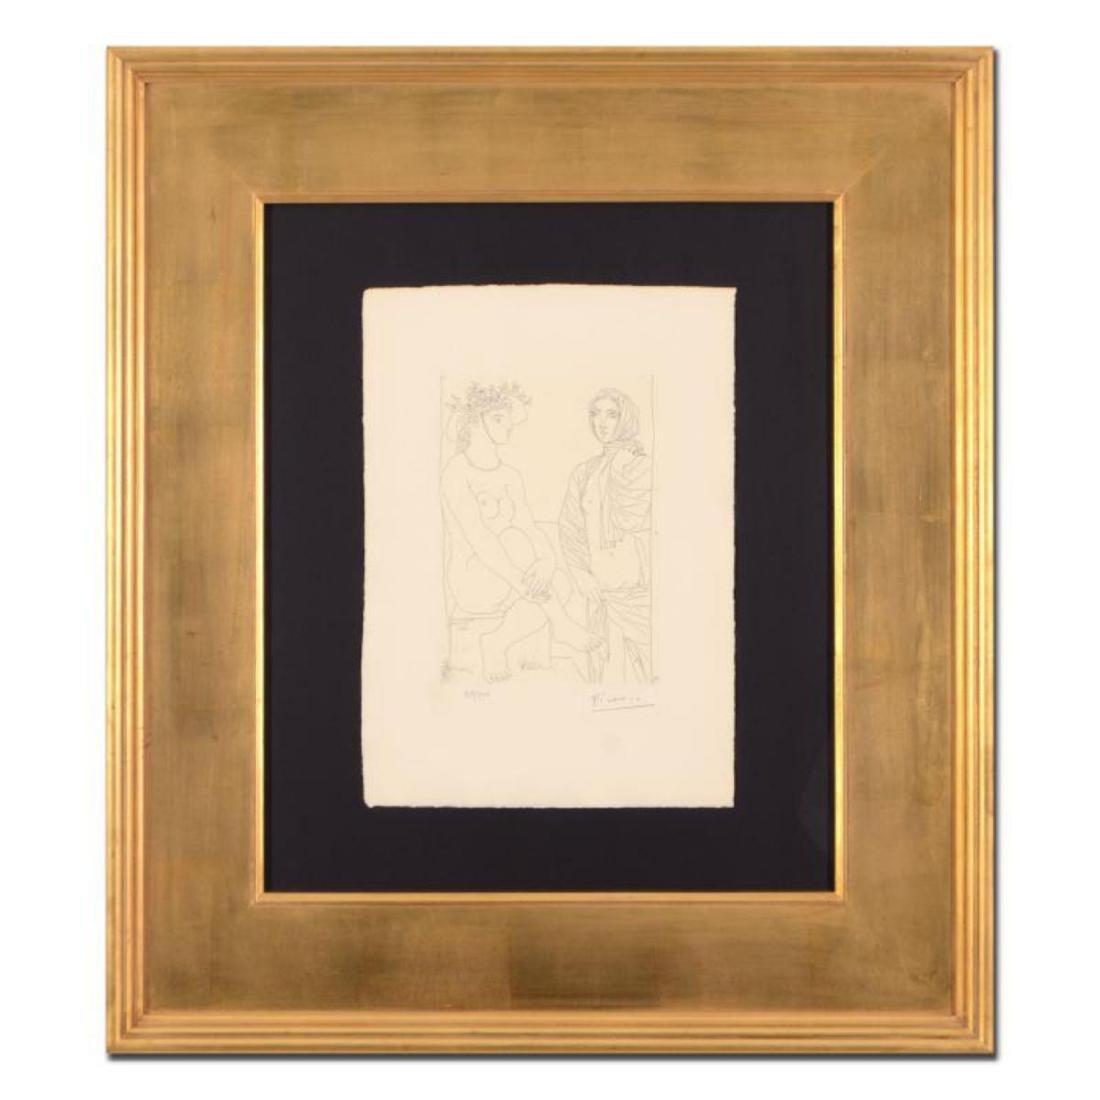 """Picasso (1881-1973) - """"Femme Assise au Chapeau (Bloch"""